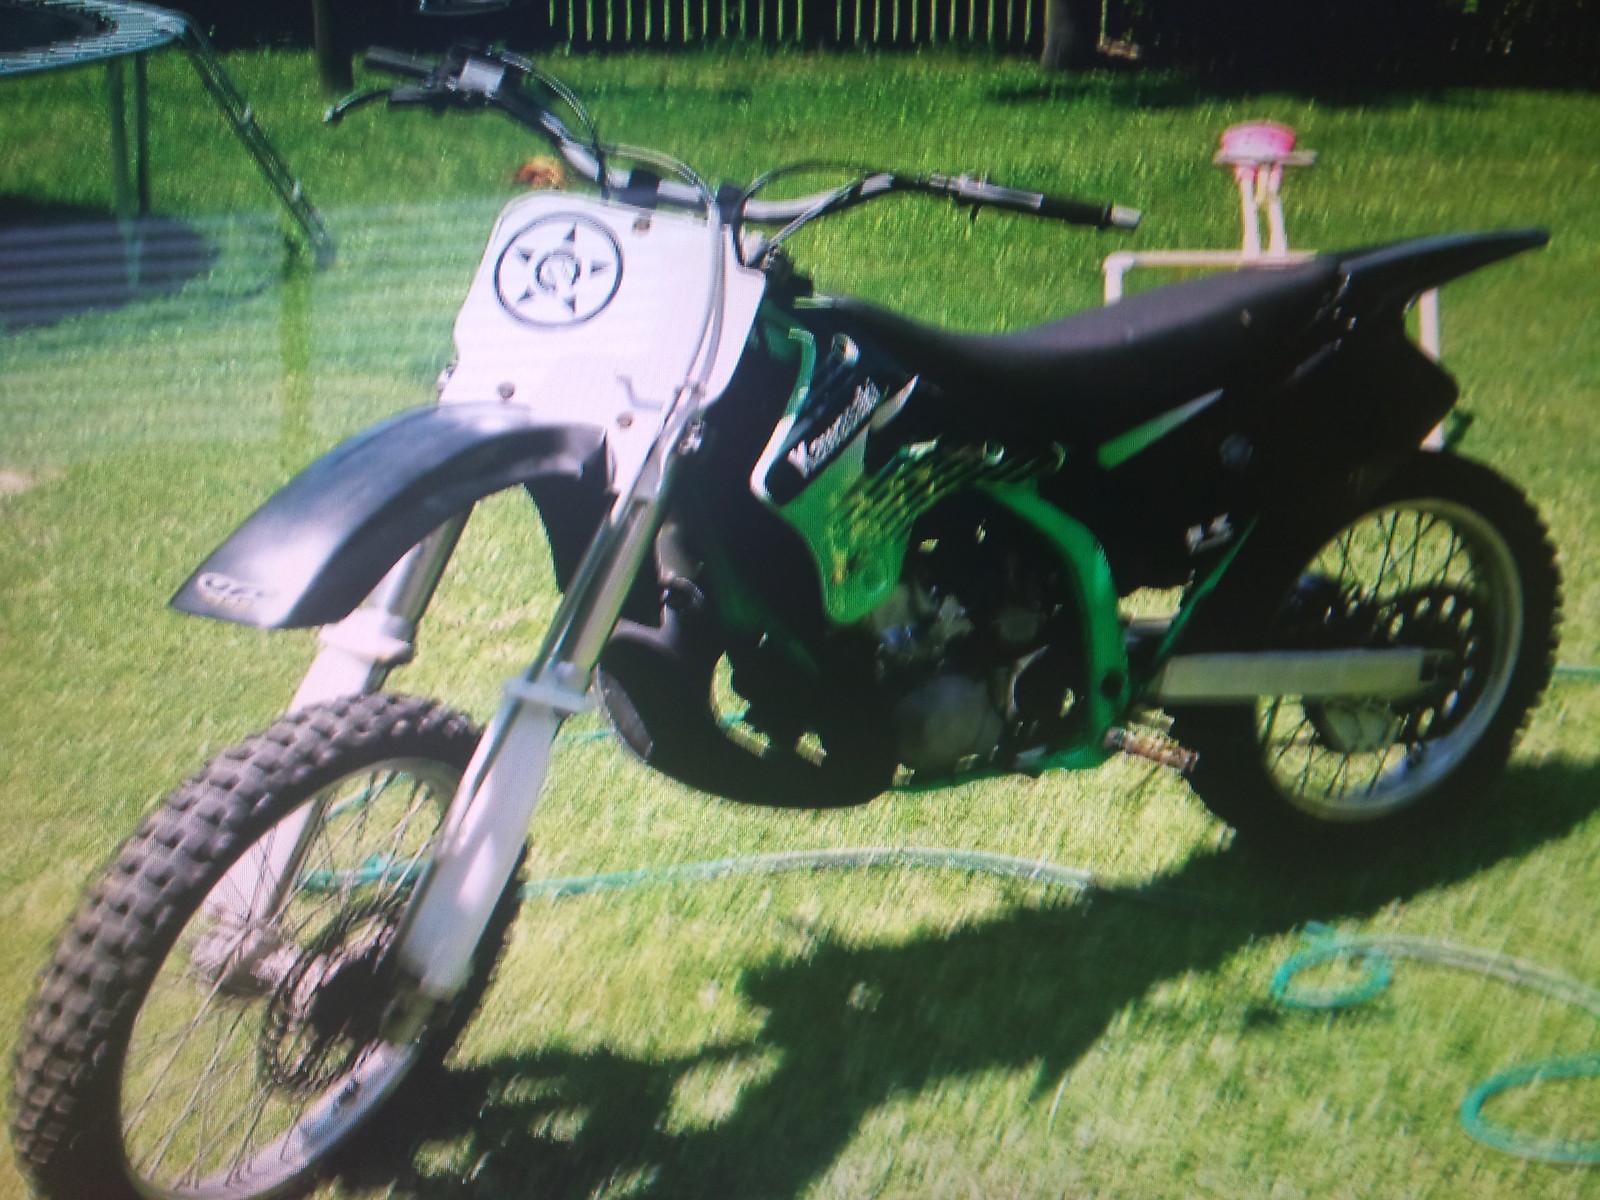 steve phone 032 - scubasteve - Motocross Pictures - Vital MX